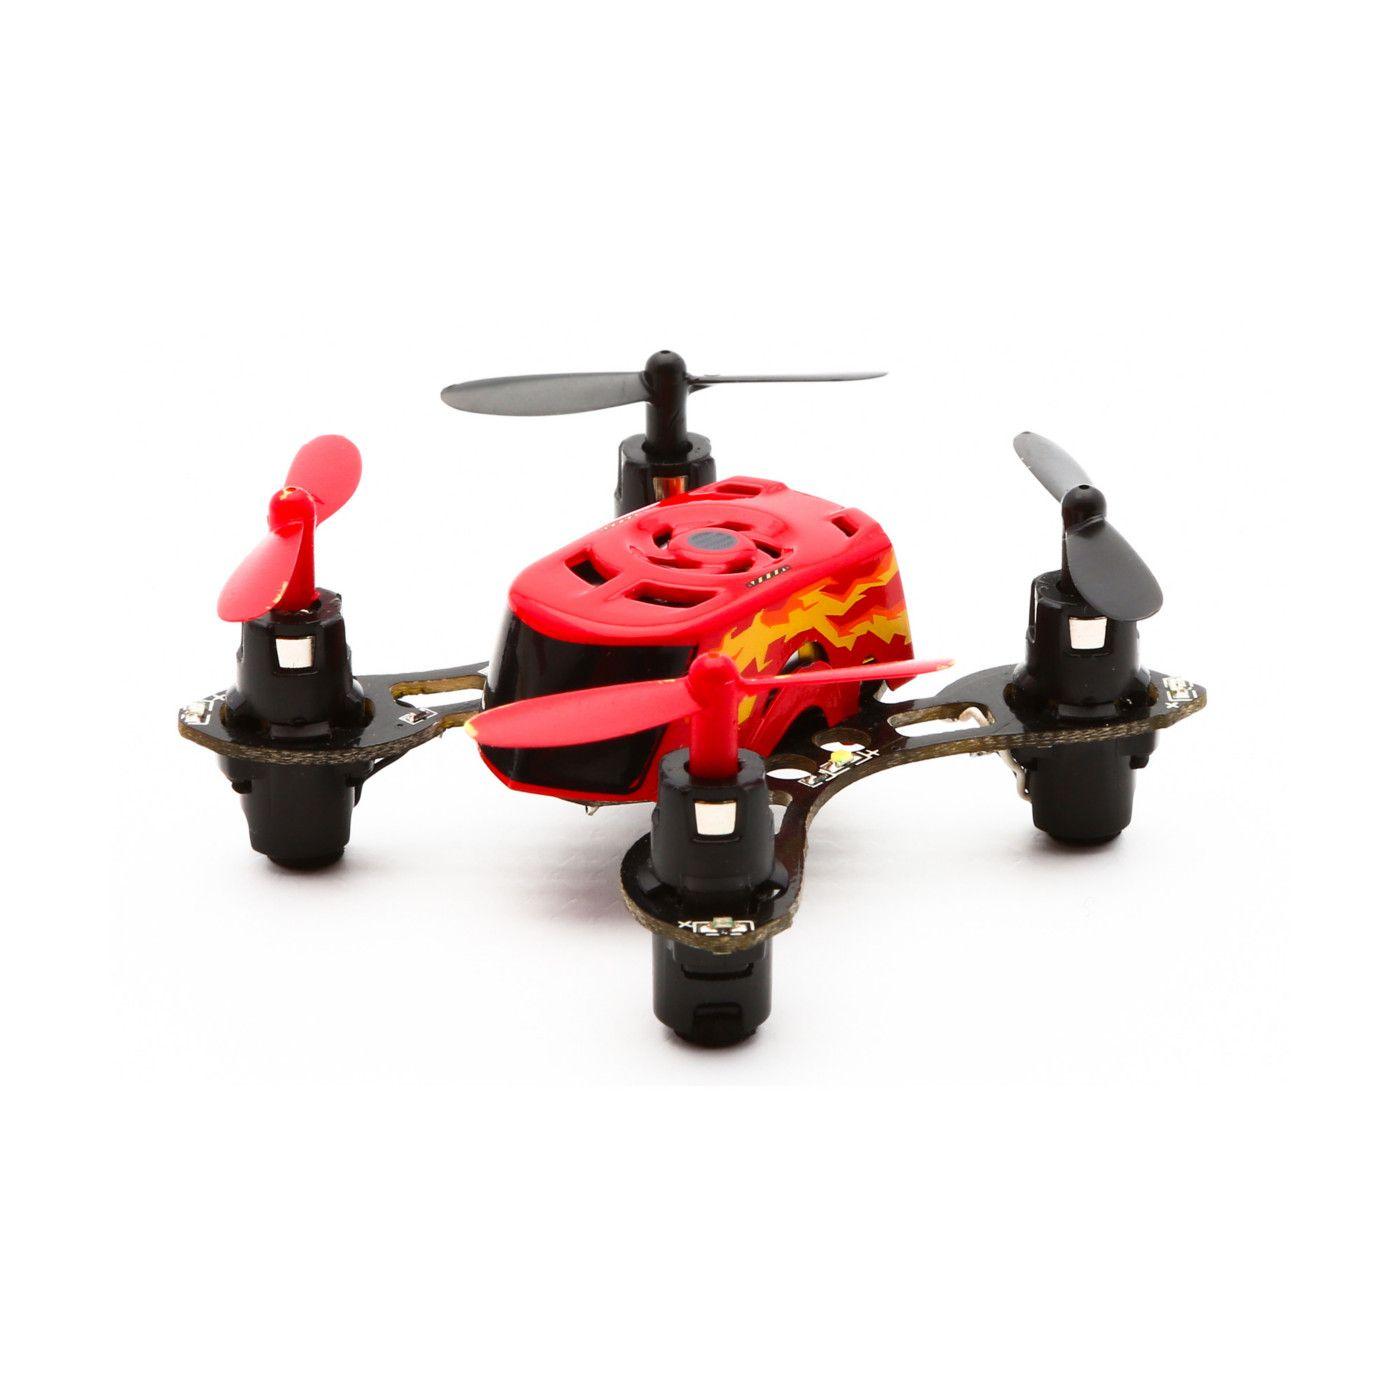 Hobbyzone HBZ8300 - Faze RTF Ultra Small Quad